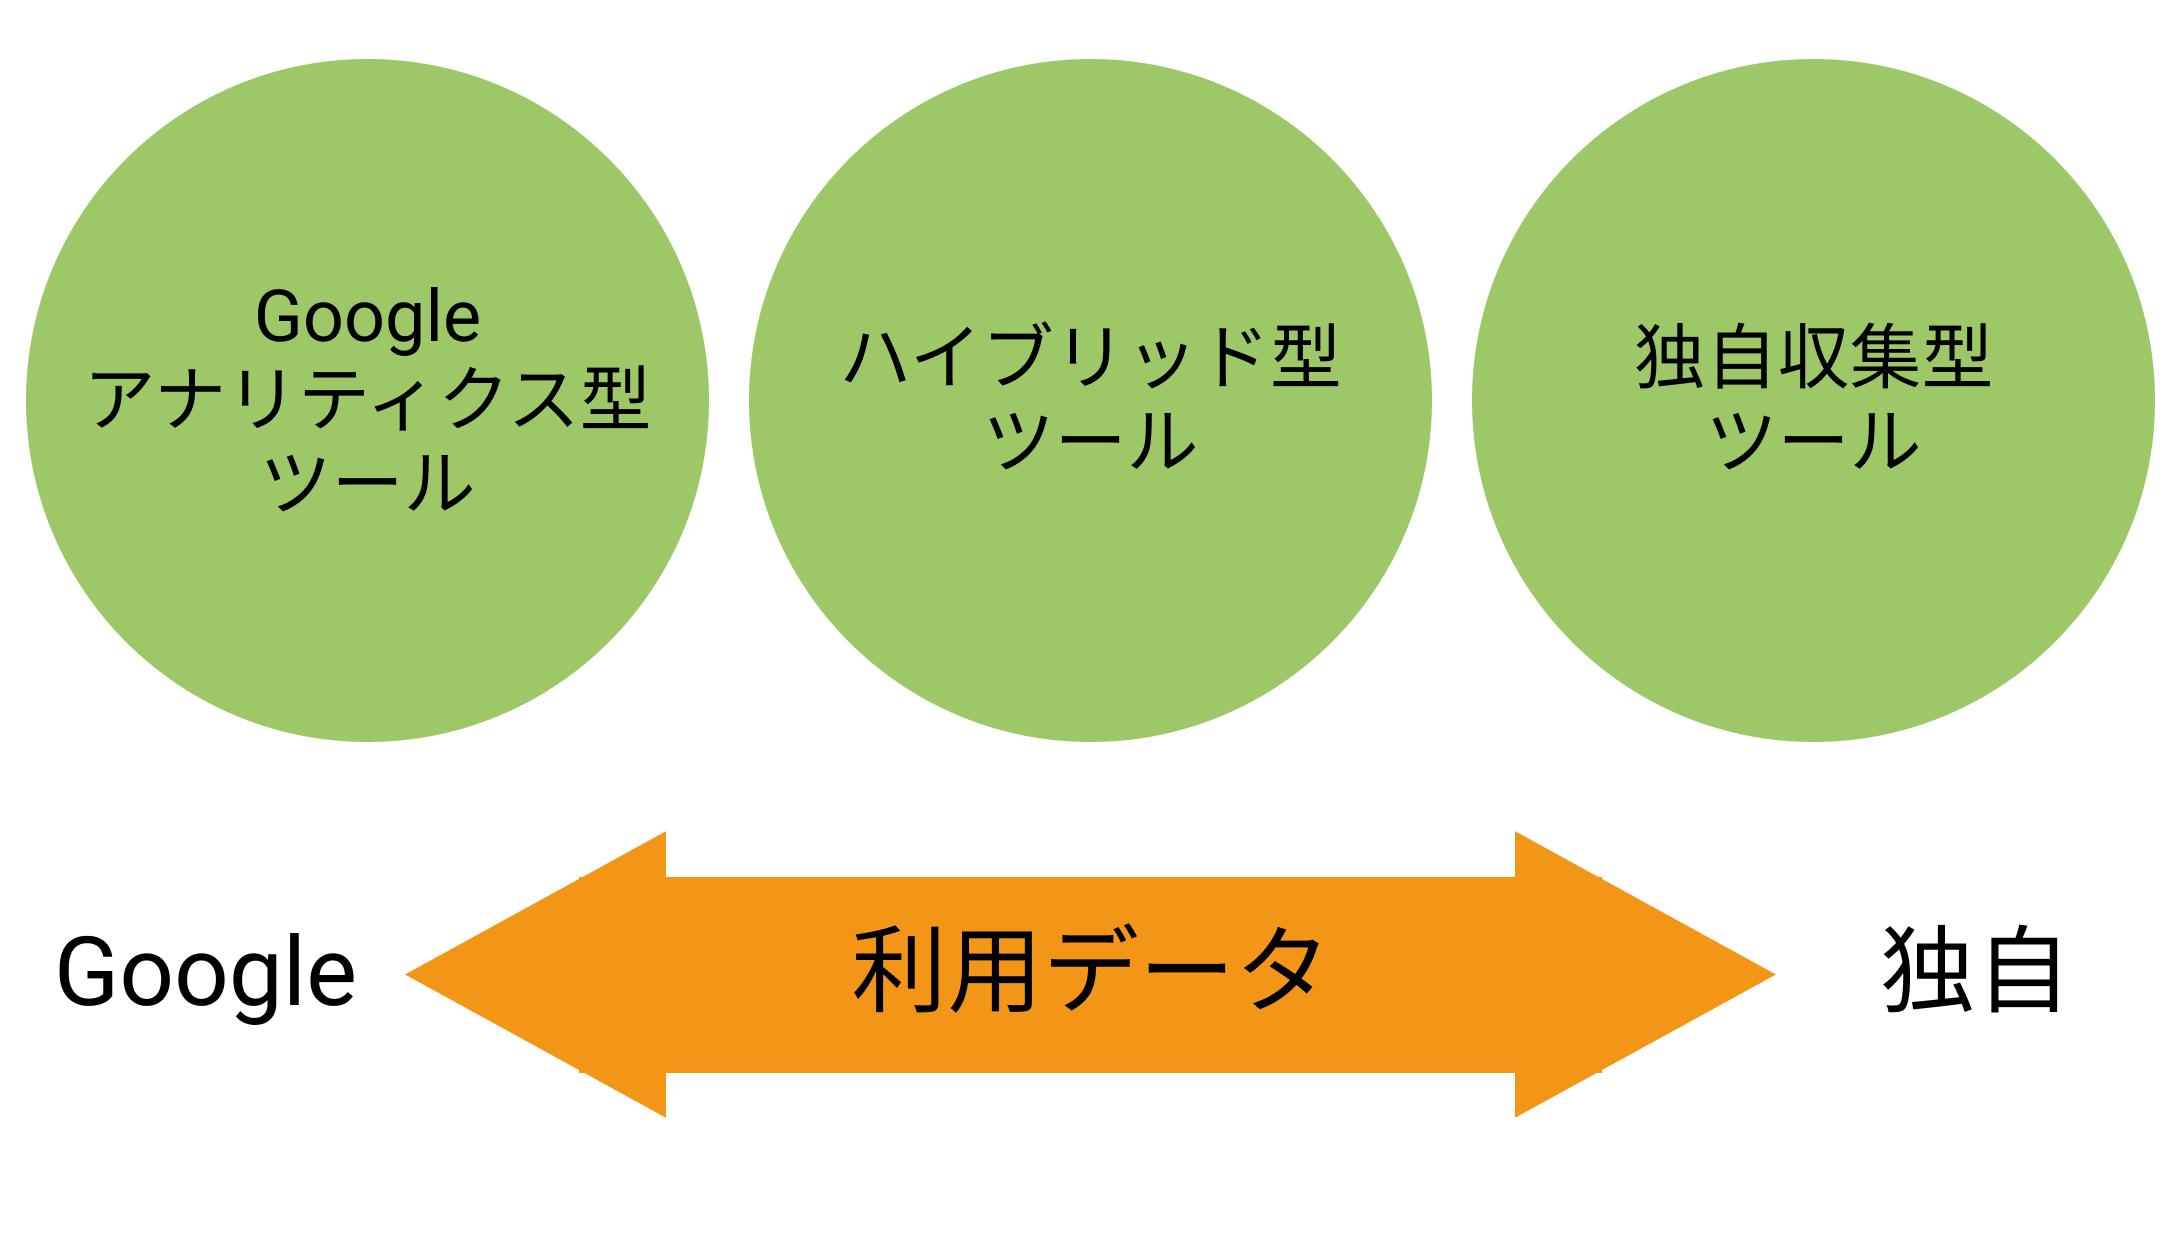 アクセス解析ツールの分類